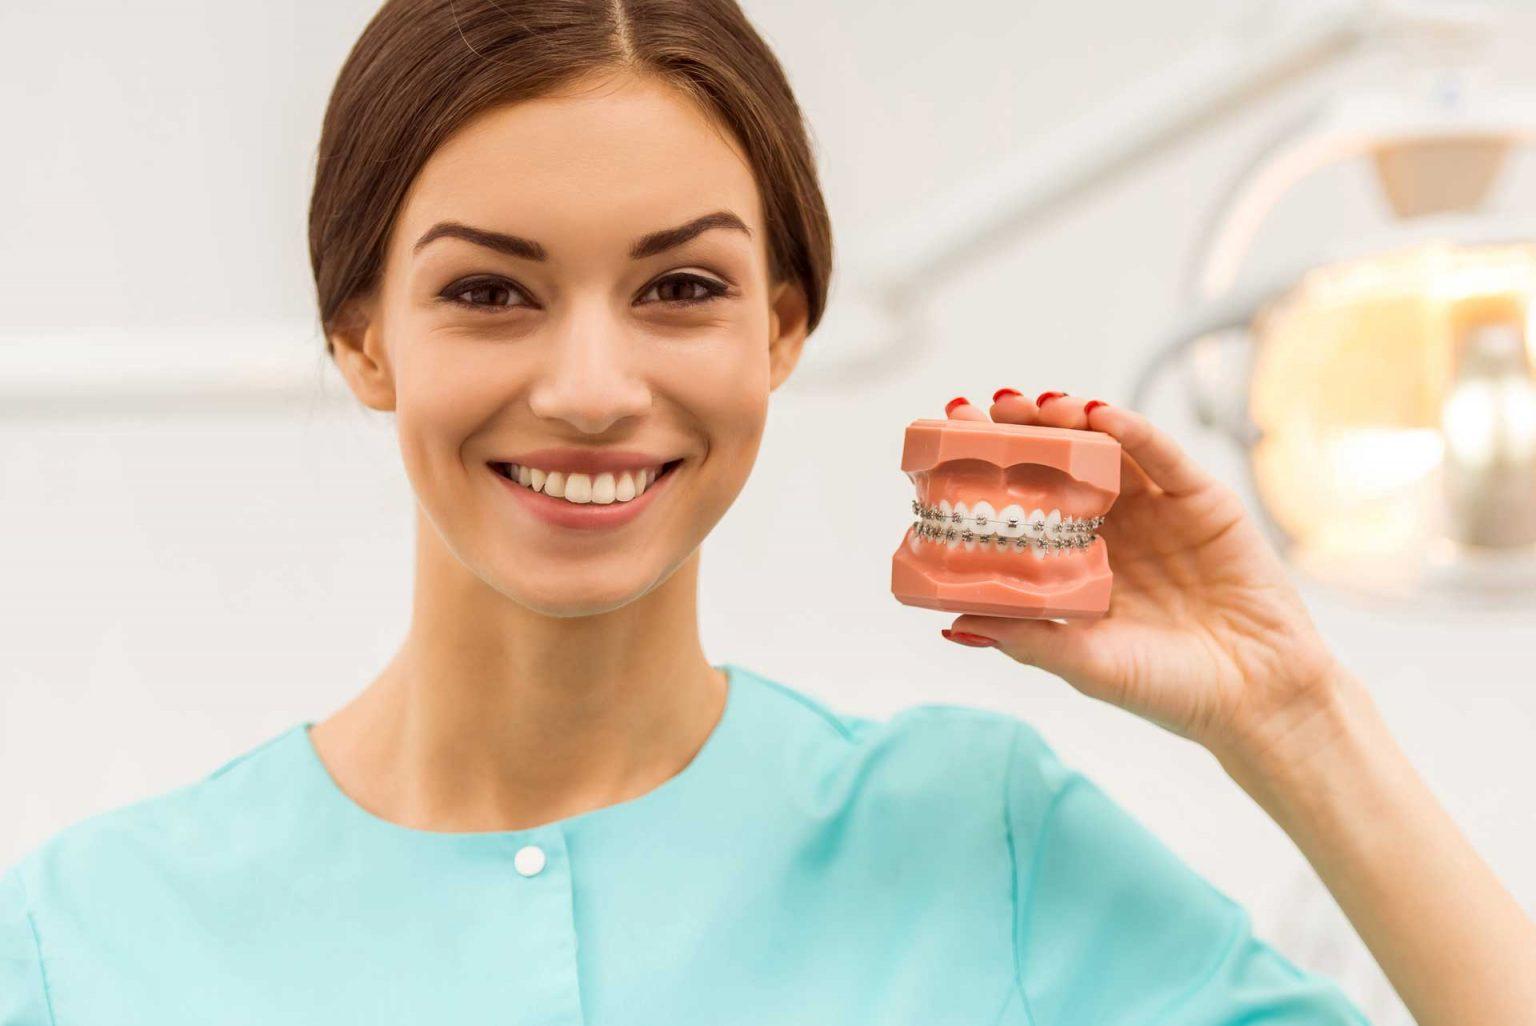 tipo-de-ortodoncia-ICOA